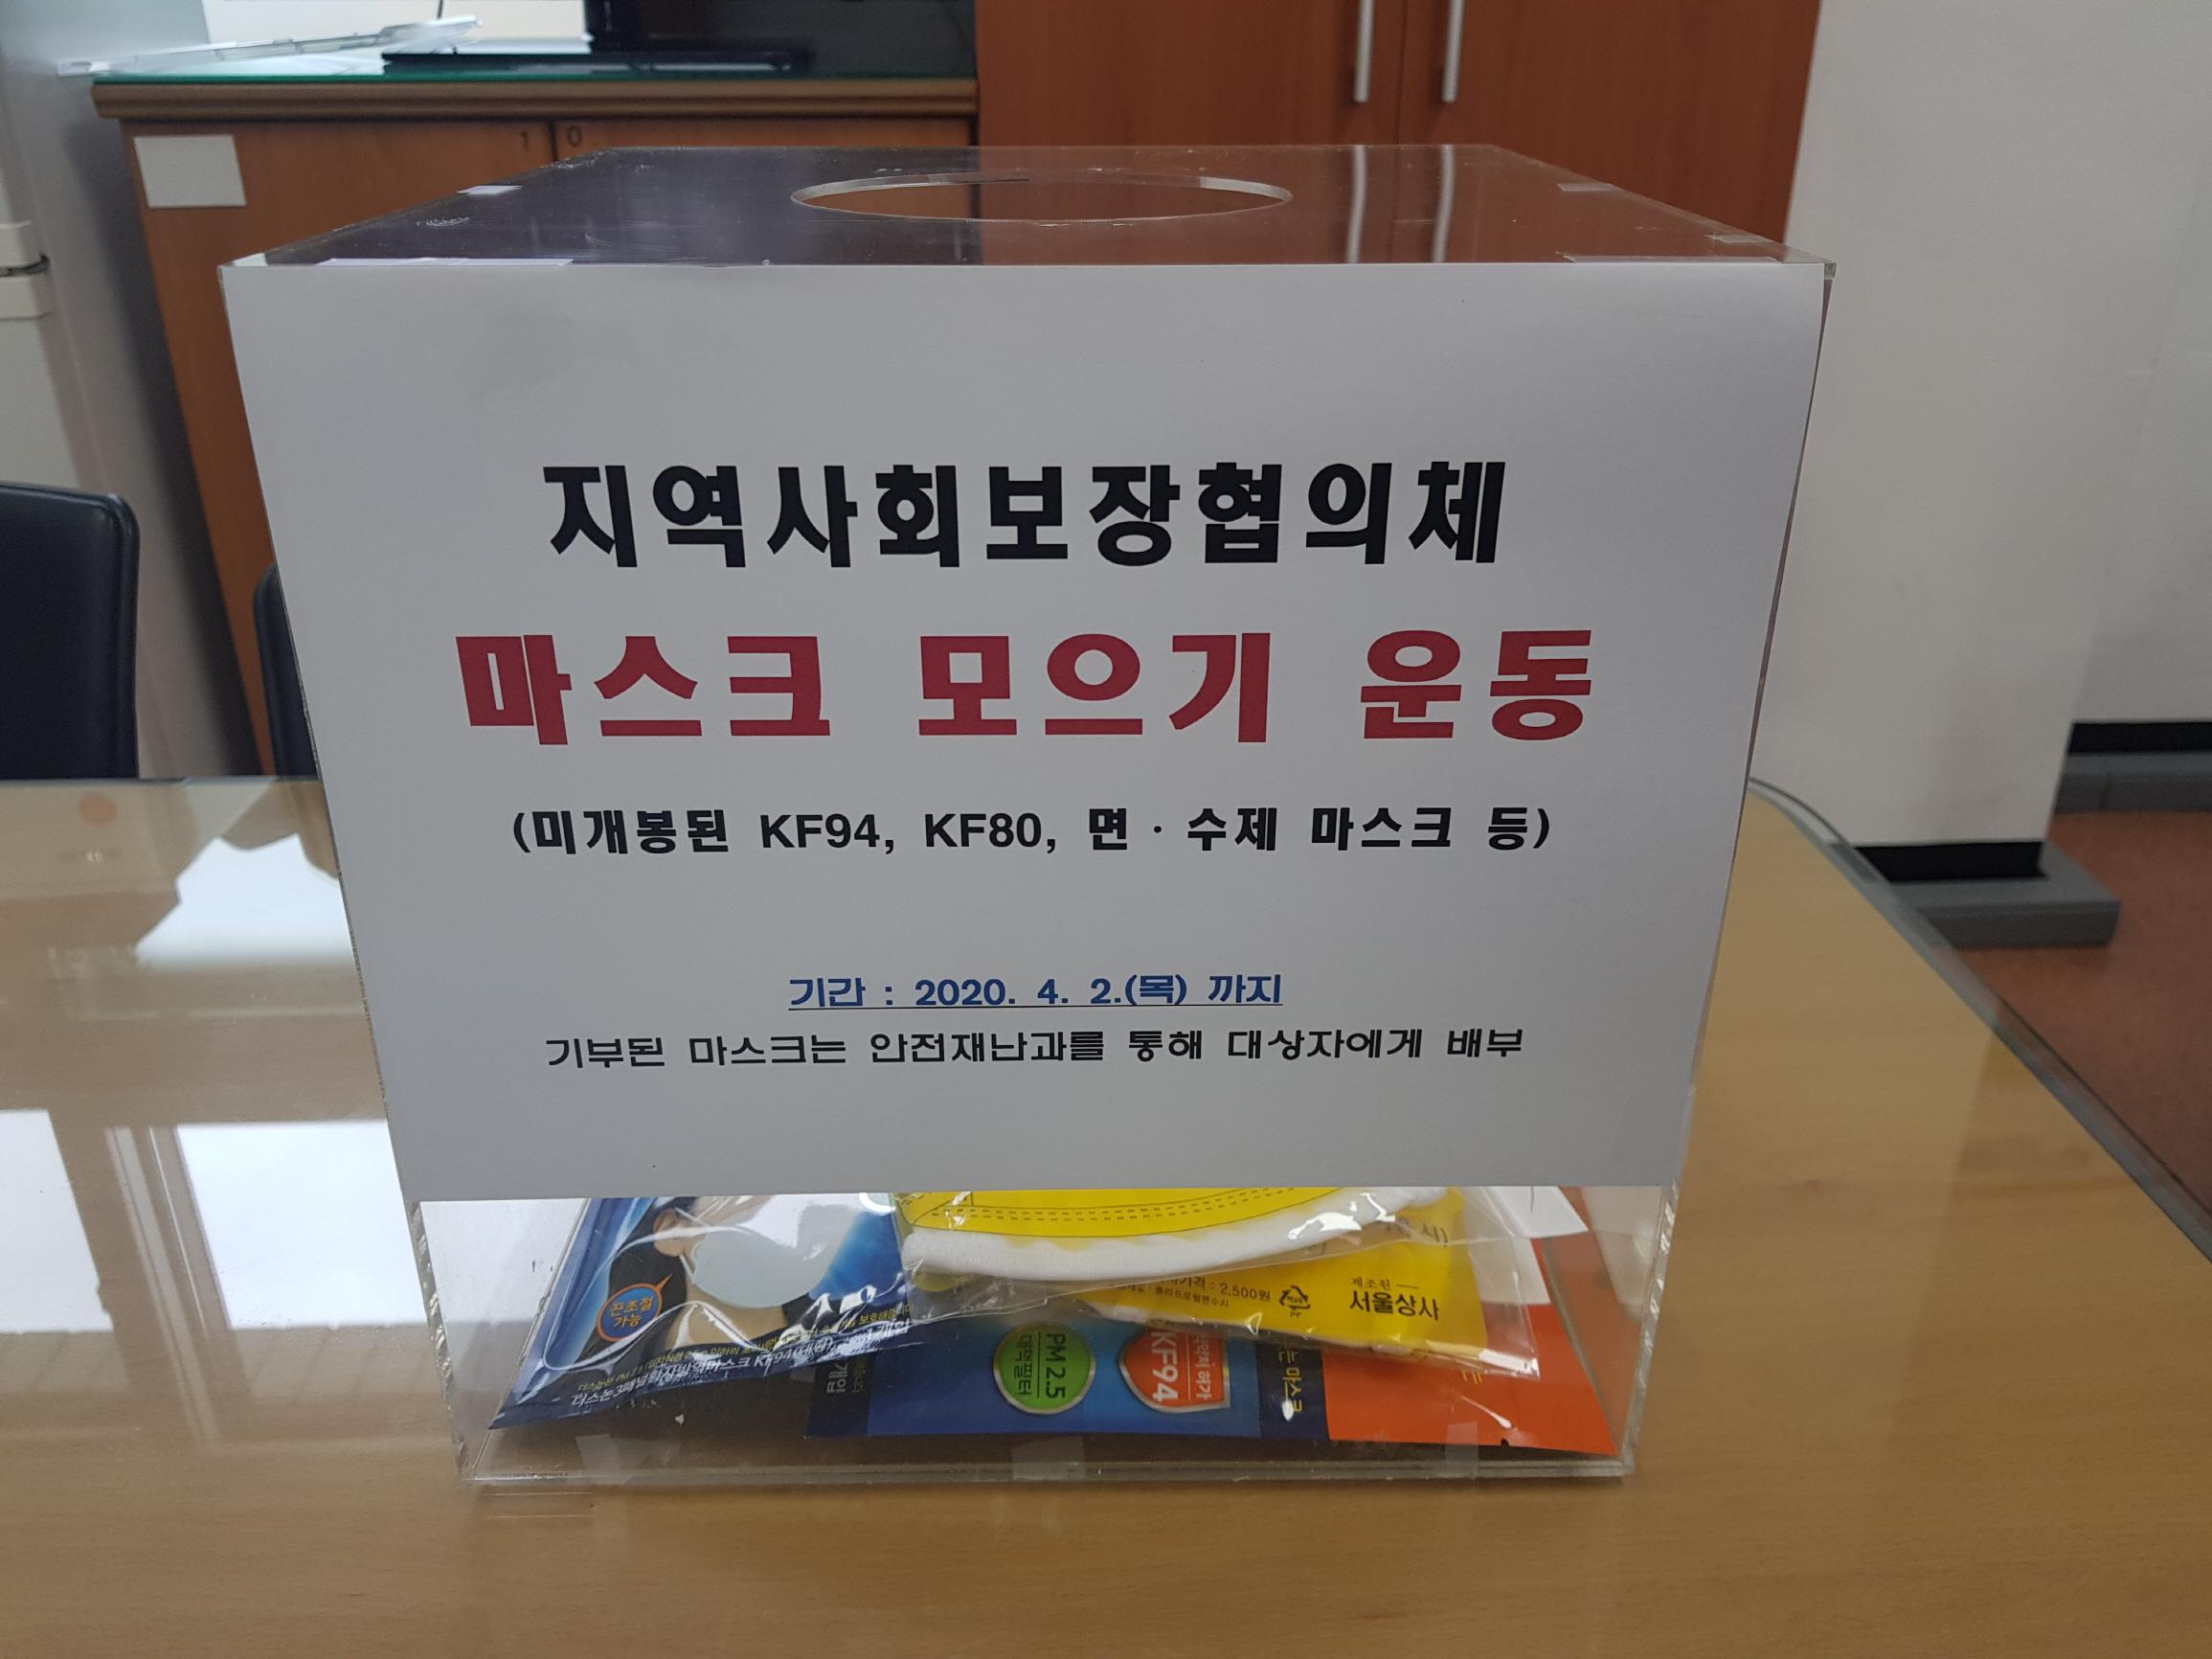 영주시 읍면동지역사회보장협의회, 마스크 모으기  전 시민 운동 전개